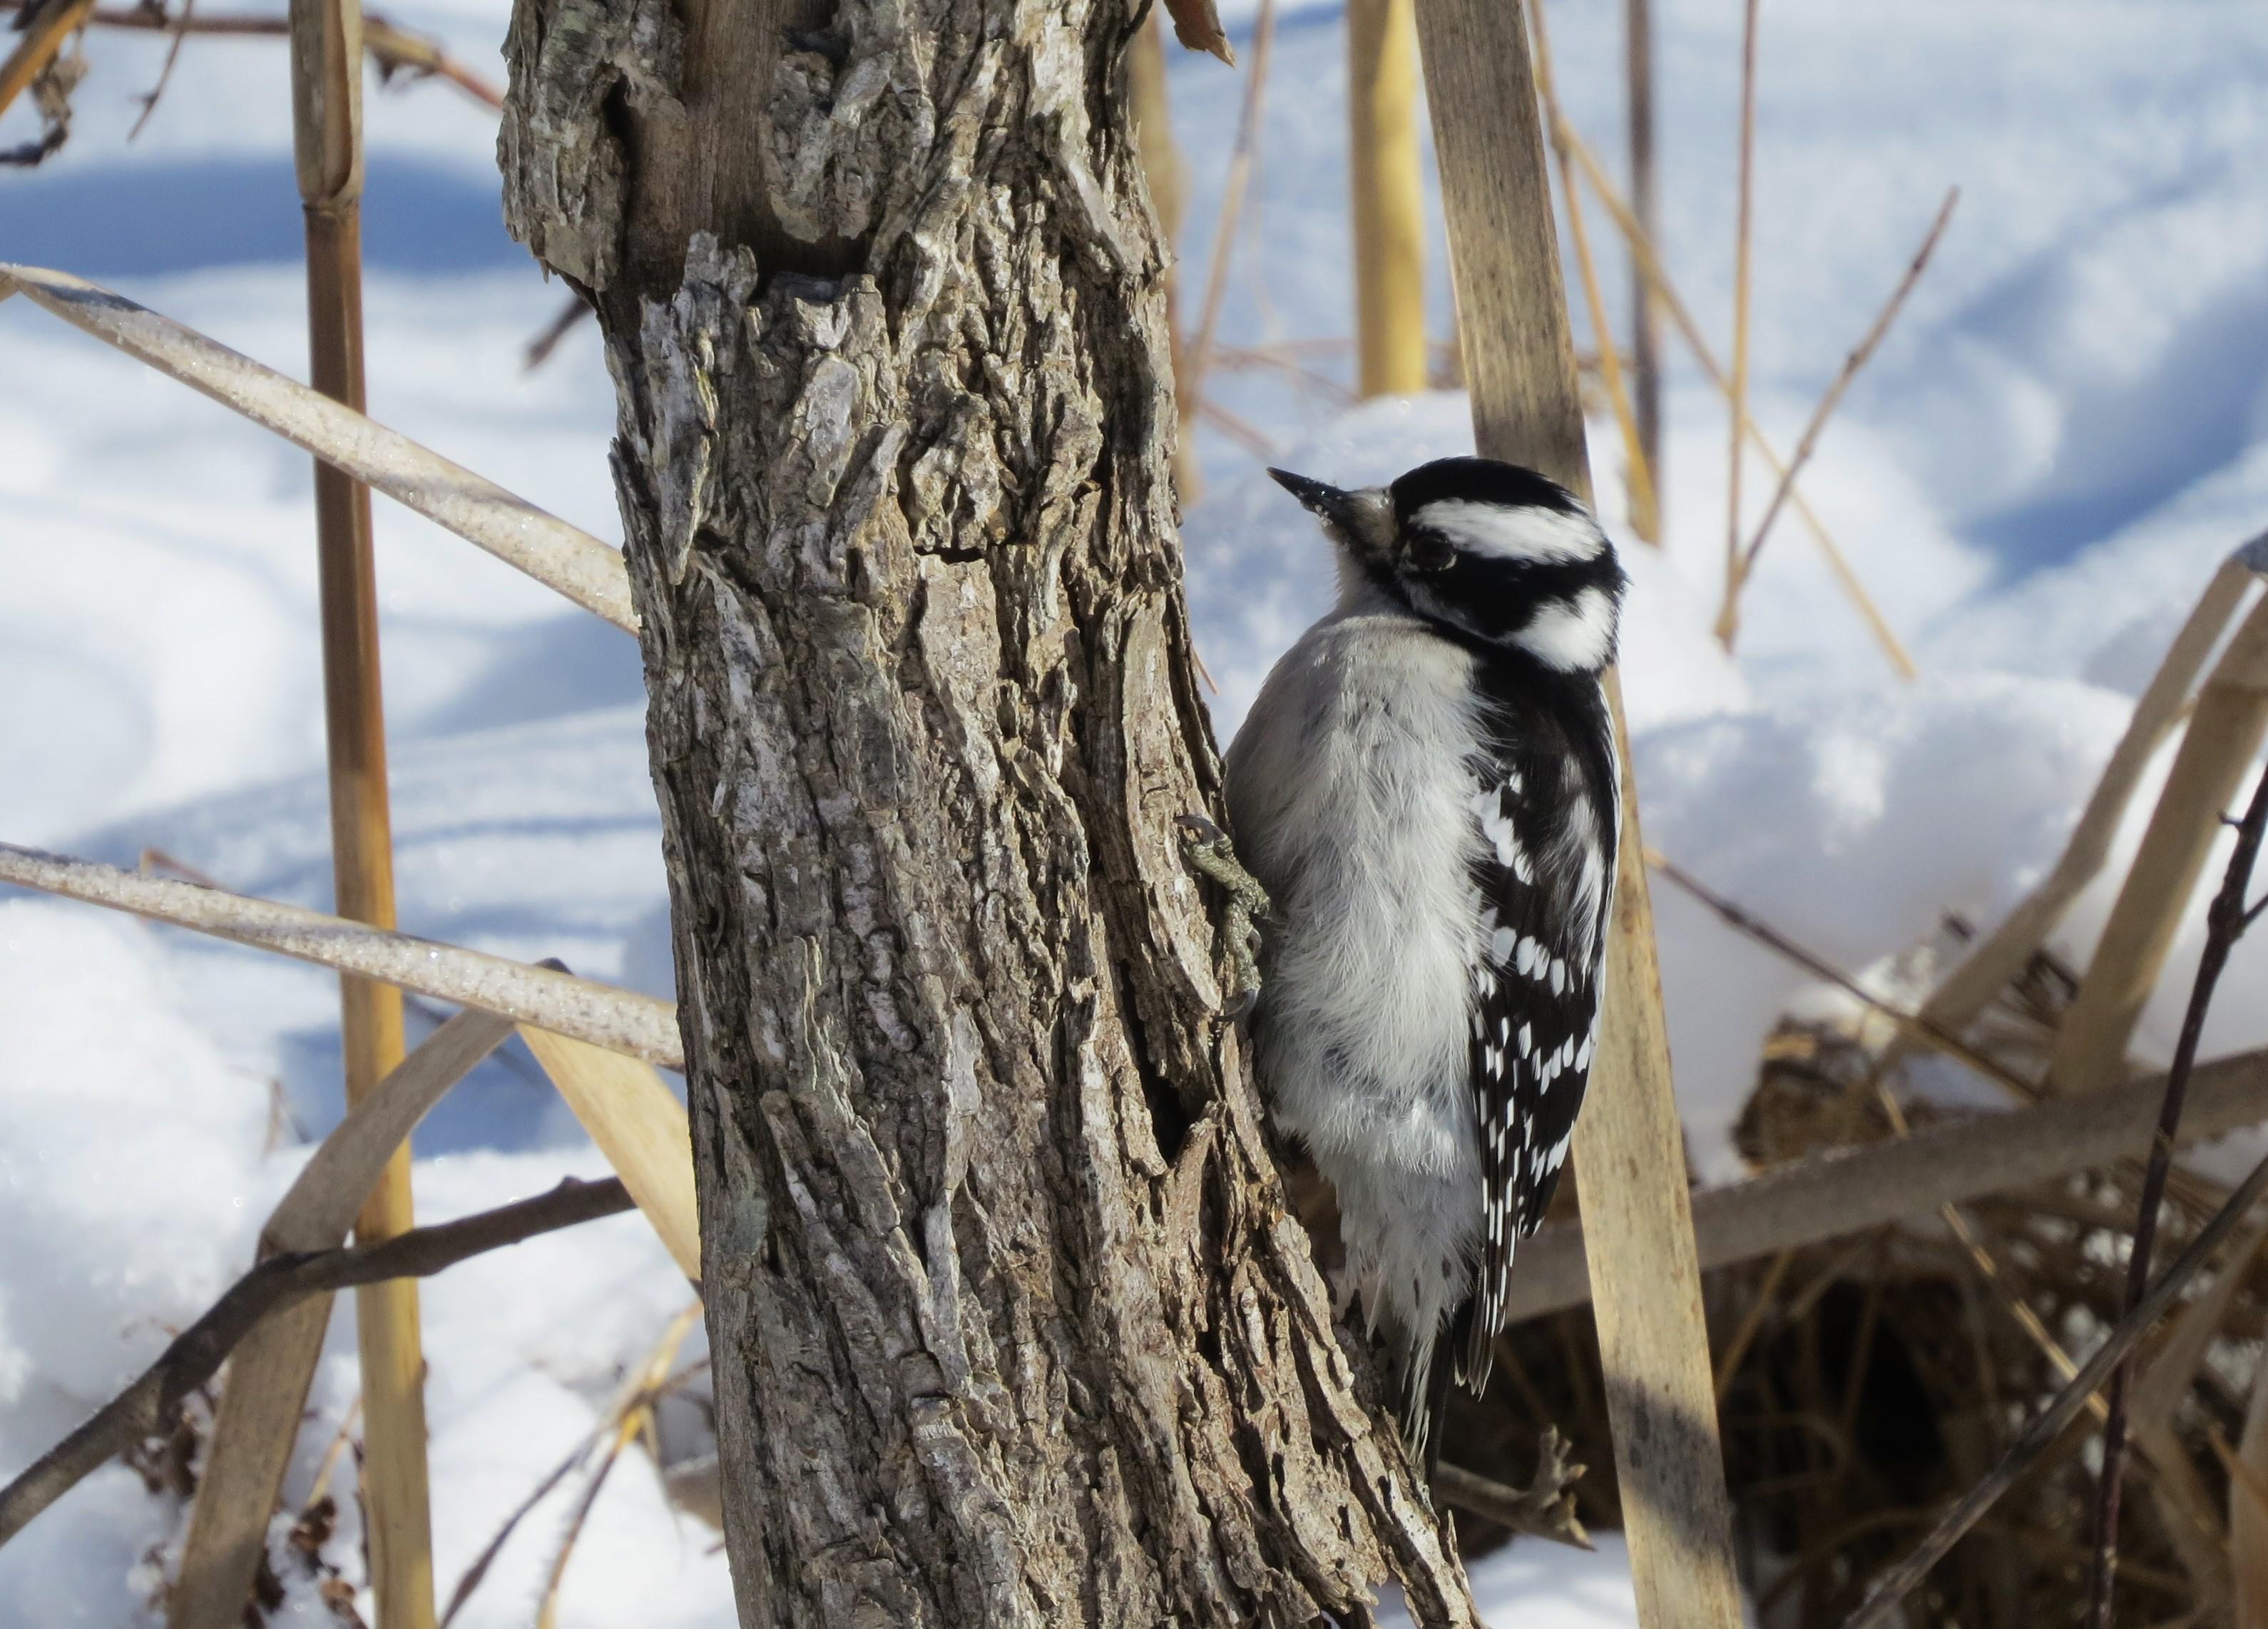 woodpecker on snowy tree trunk